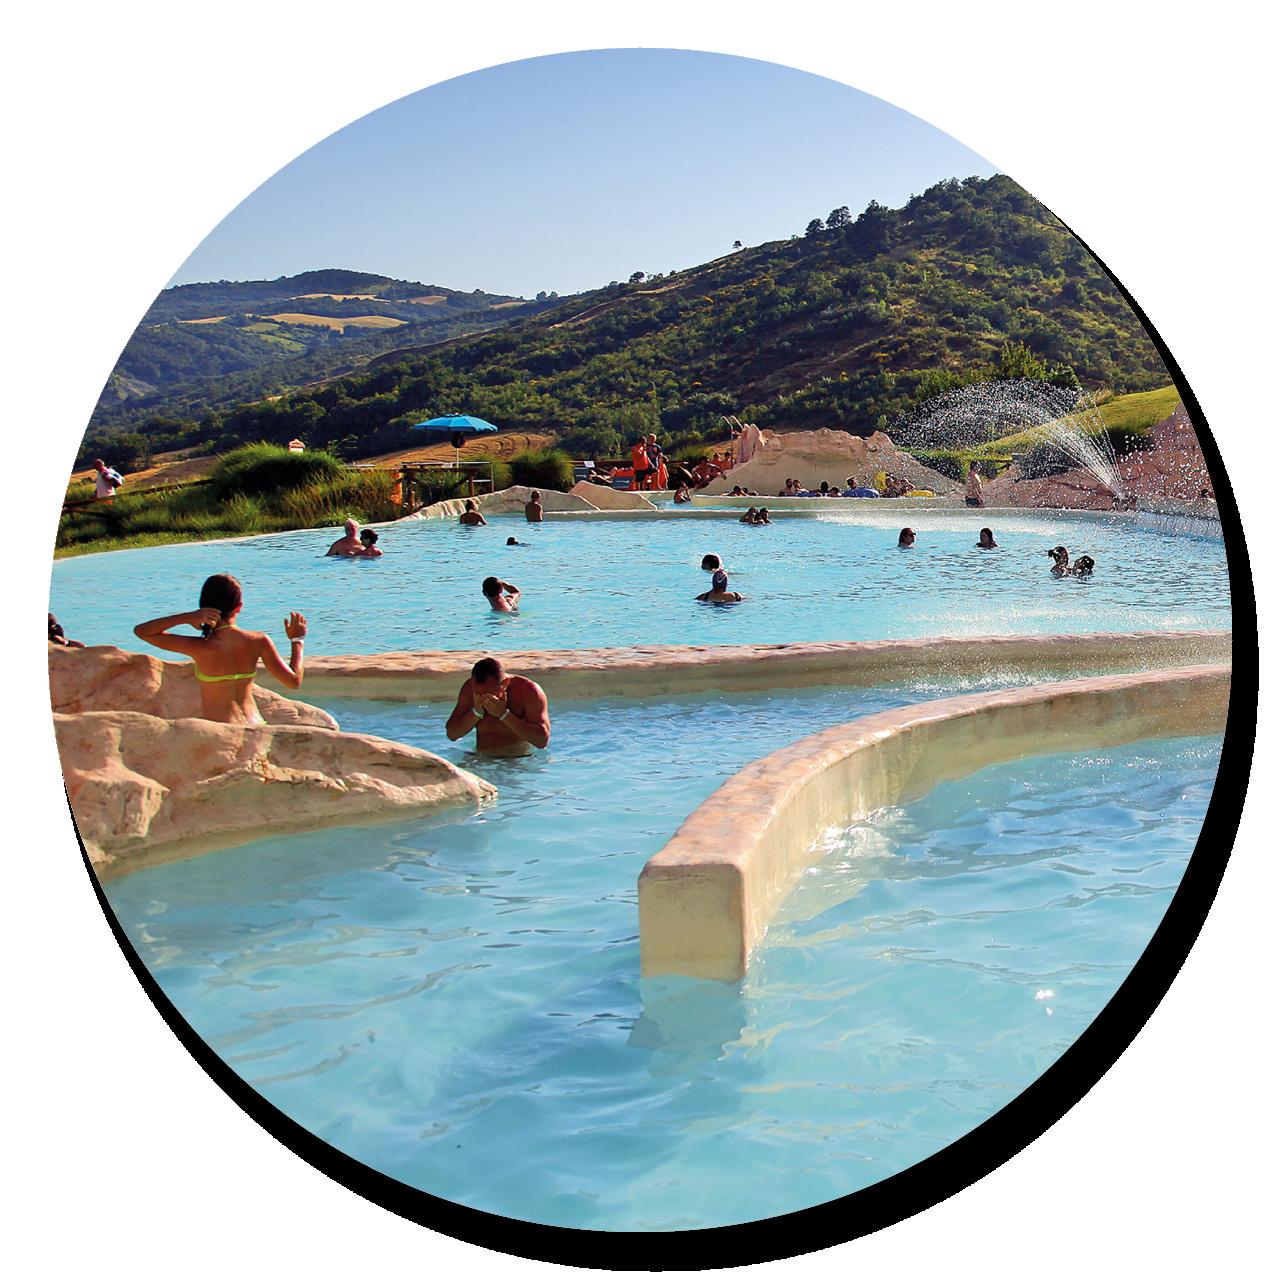 premio biglietto villaggio salute acquapark